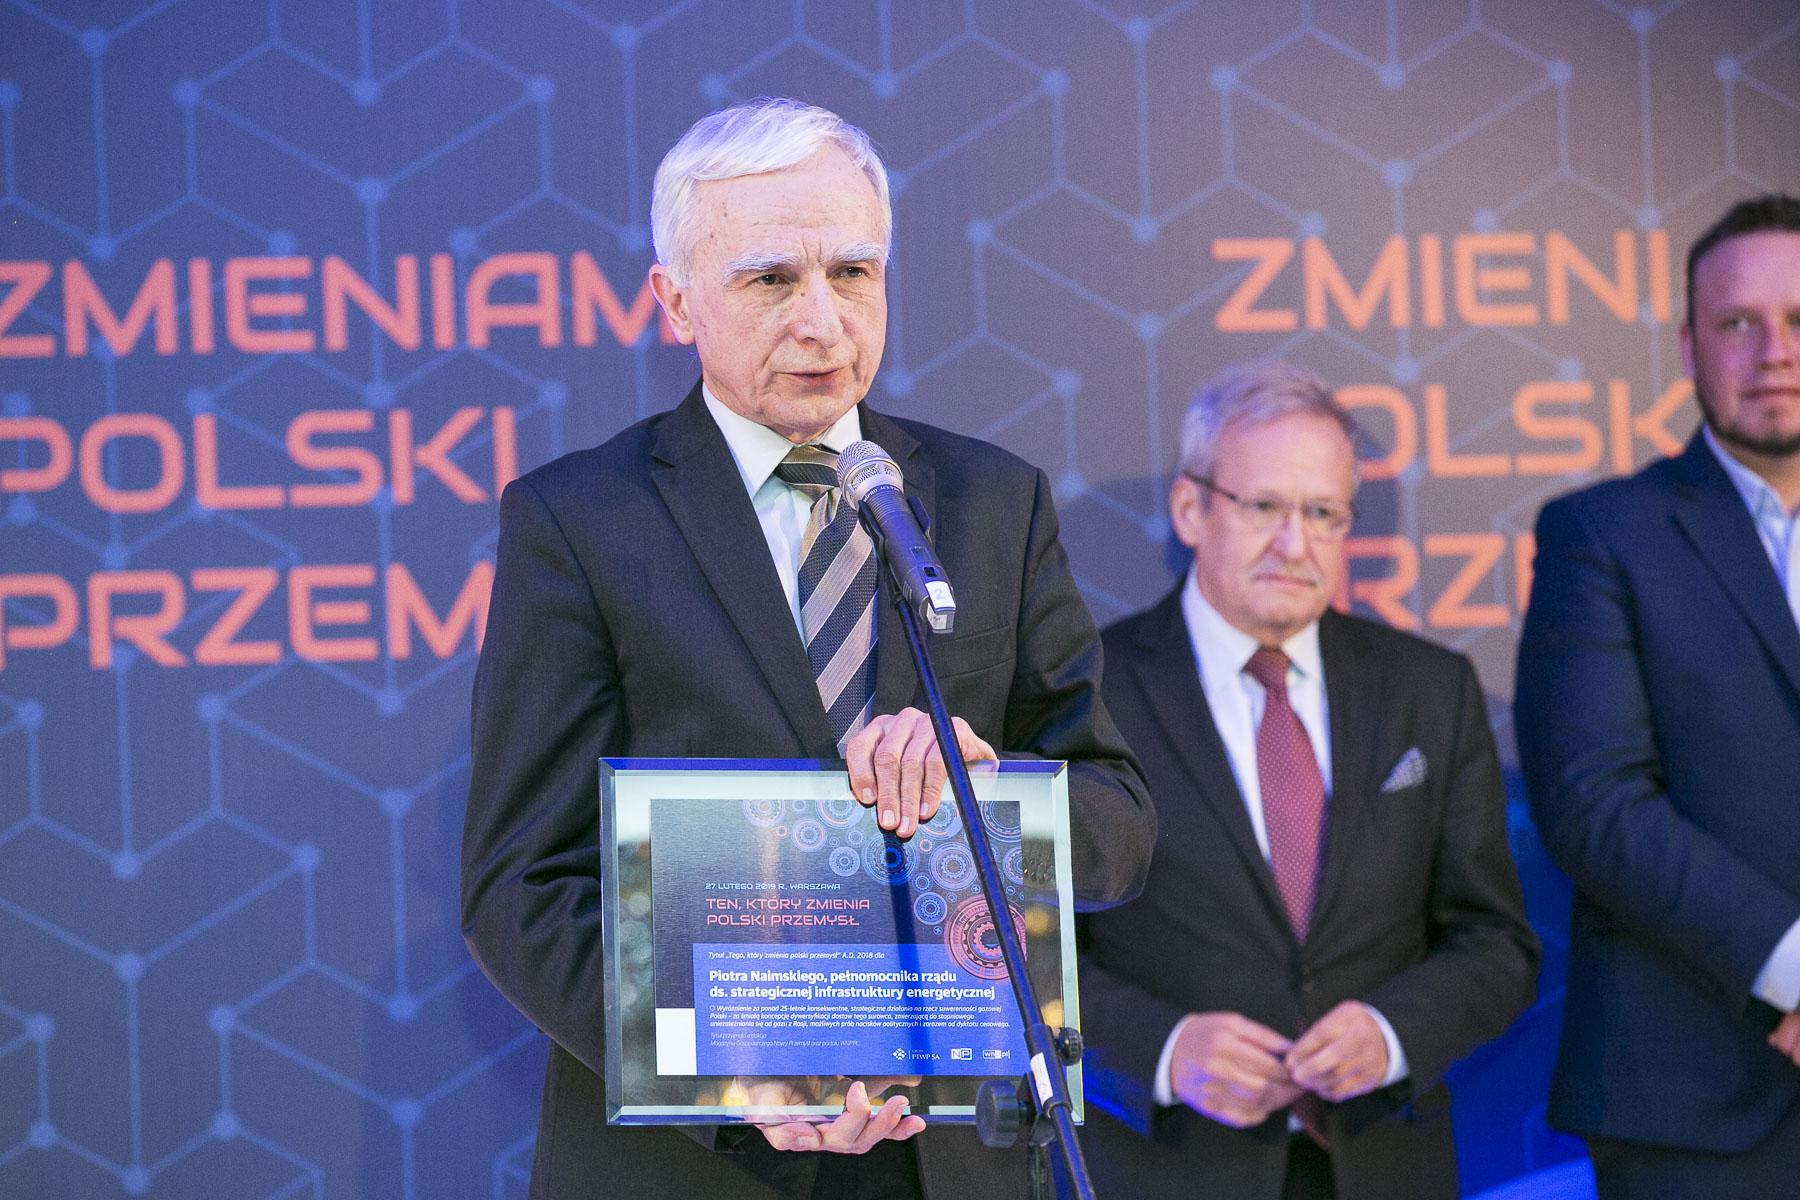 Piotr Naimski, pełnomocnik rządu do spraw strategicznej infrastruktury energetycznej oraz energetycznej